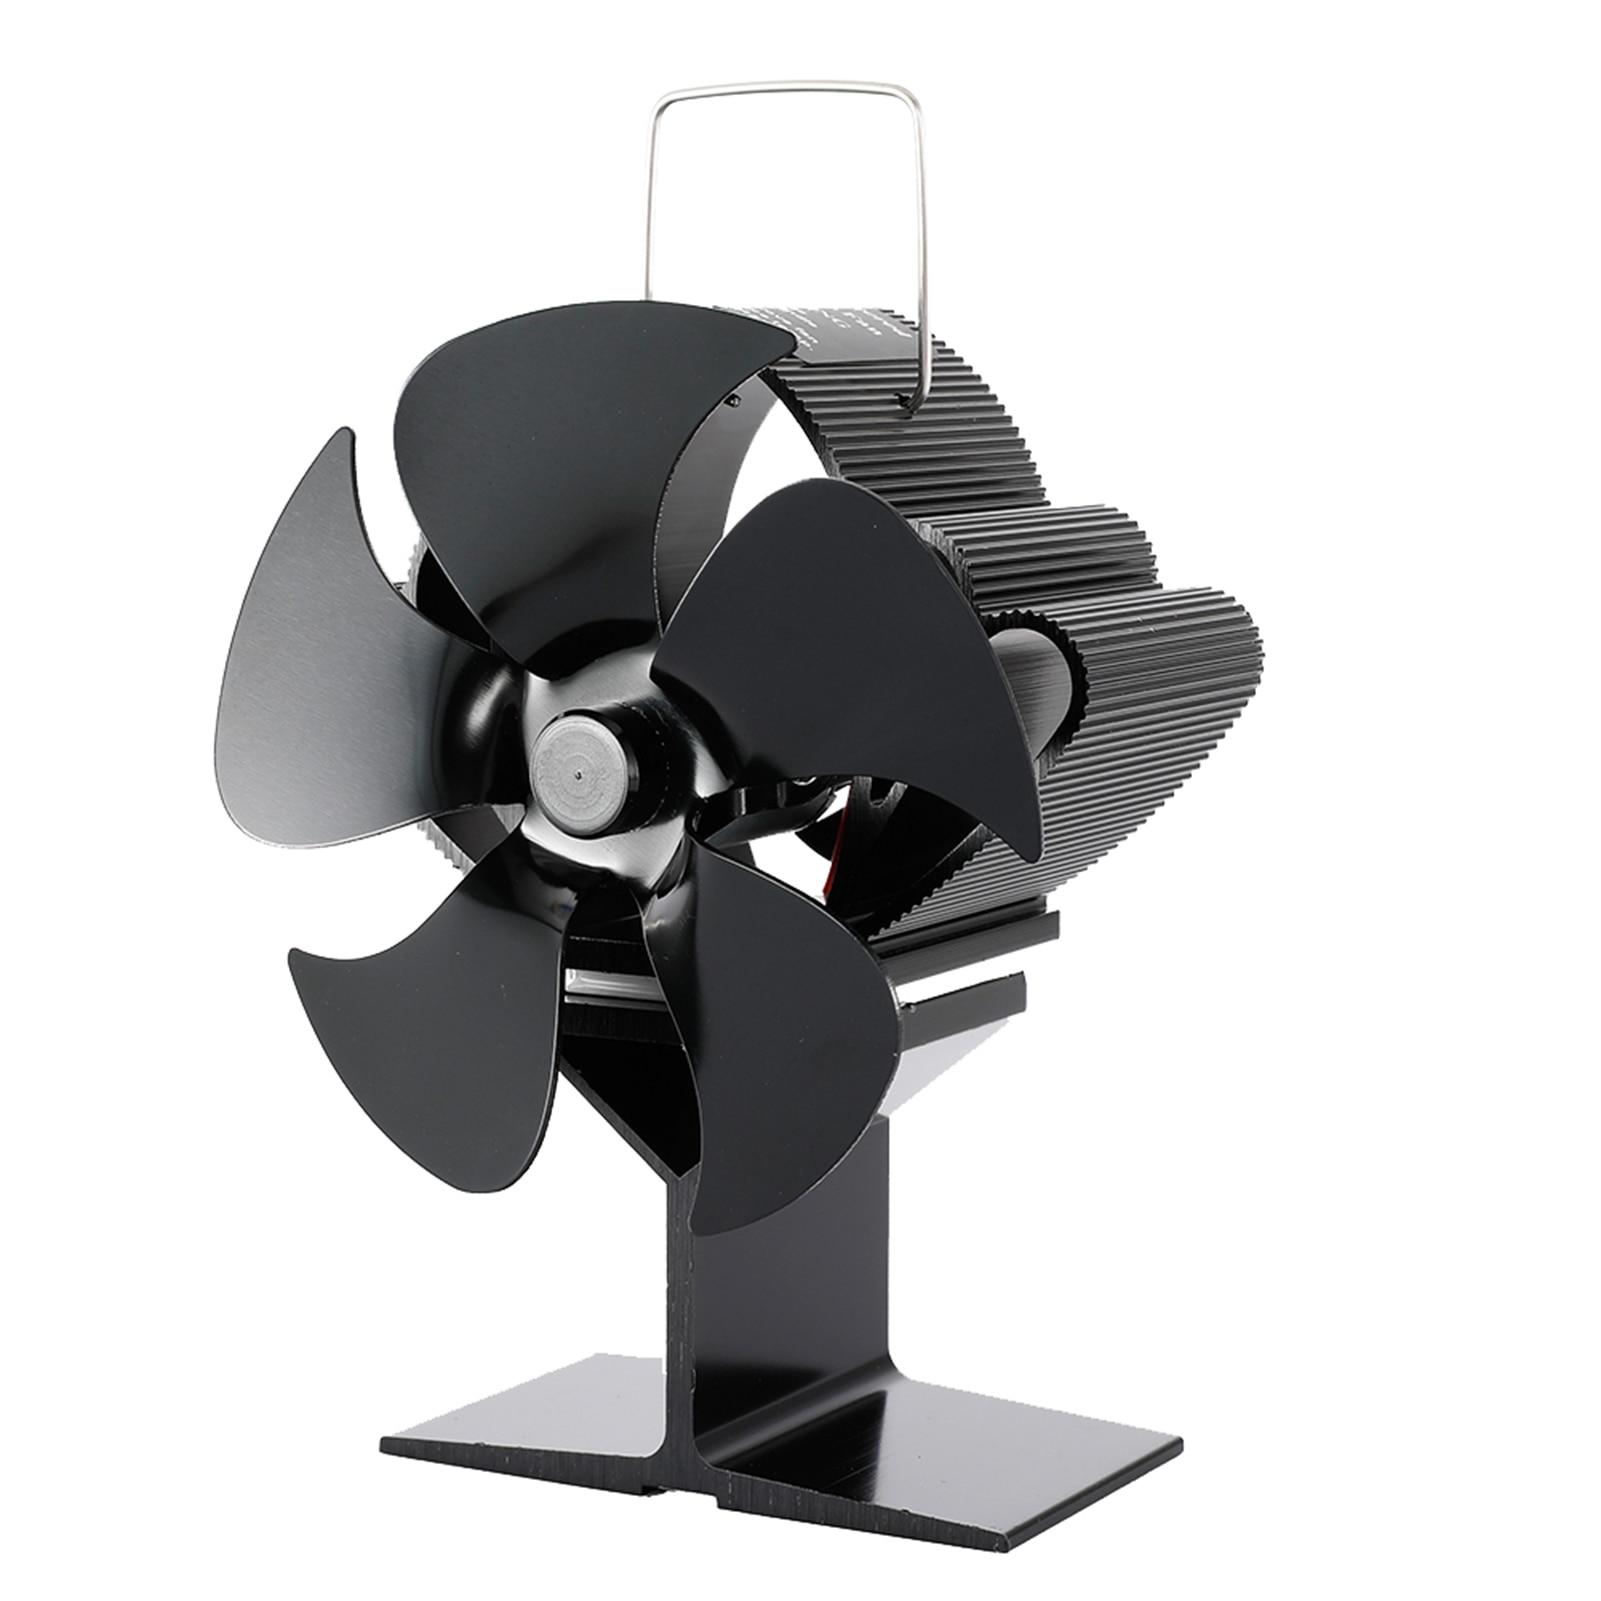 Вентилятор для дровяной плиты или пеллетной плиты